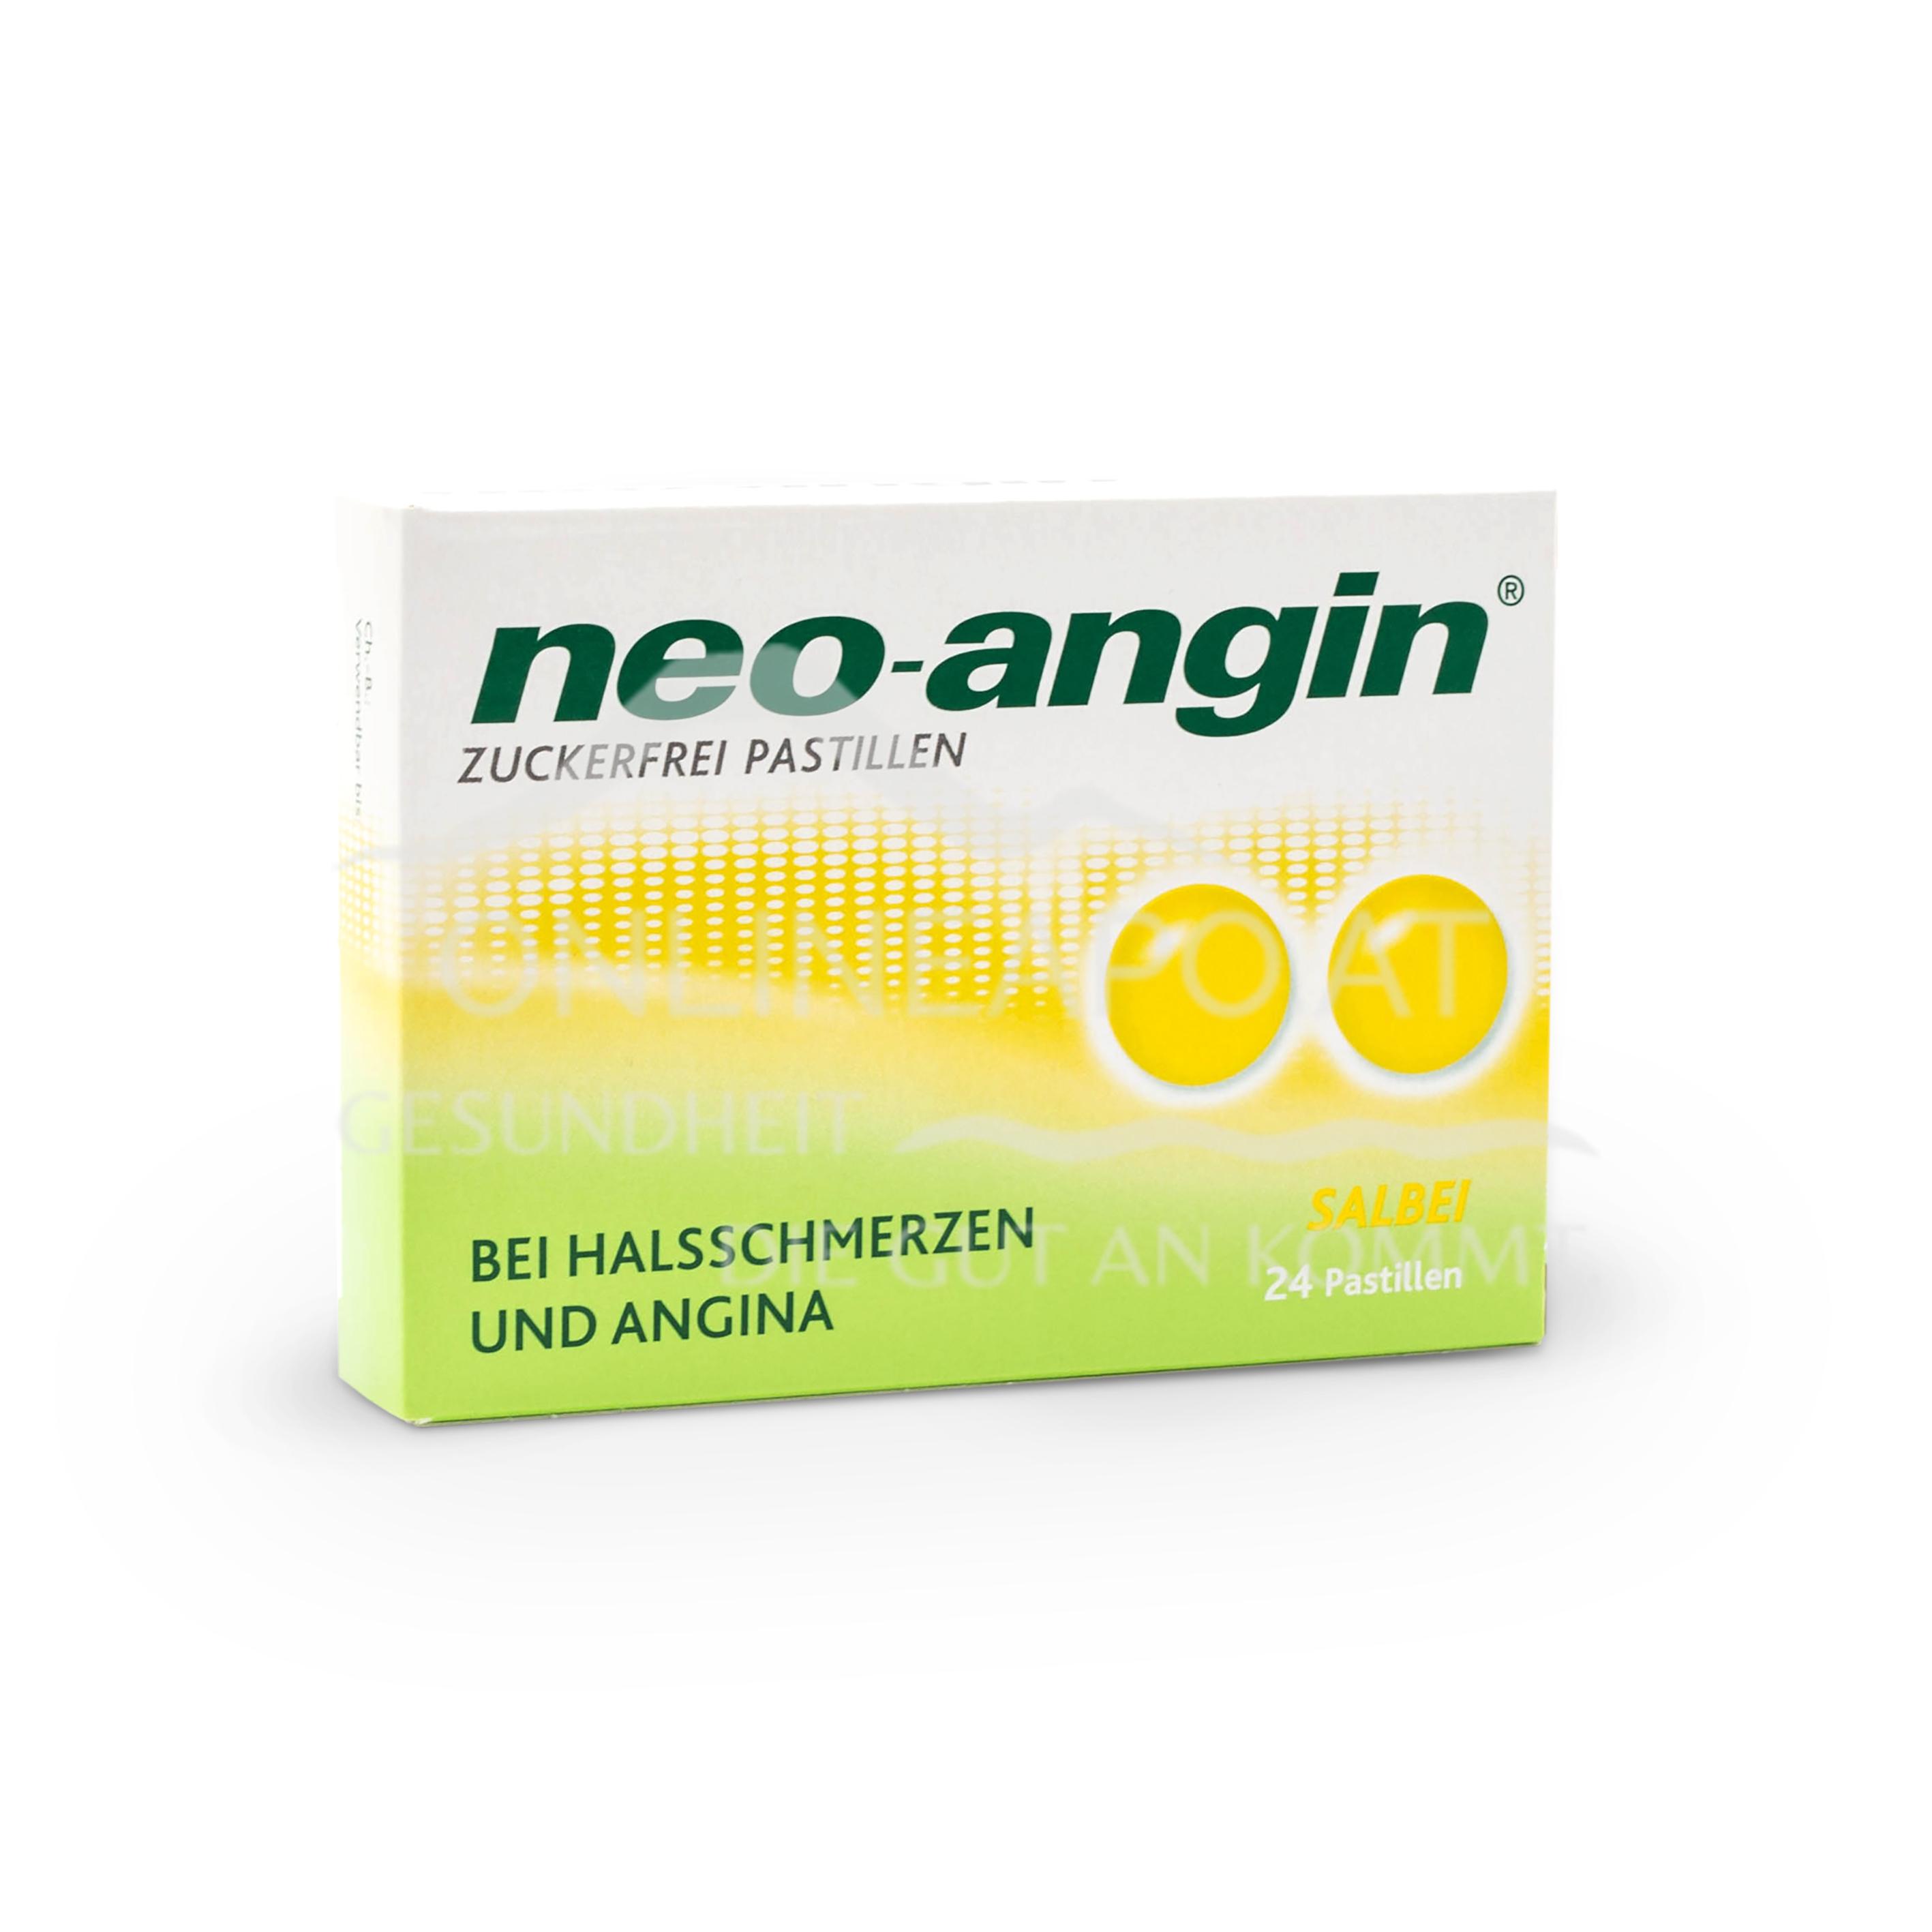 neo-angin® Salbei zuckerfrei Pastillen